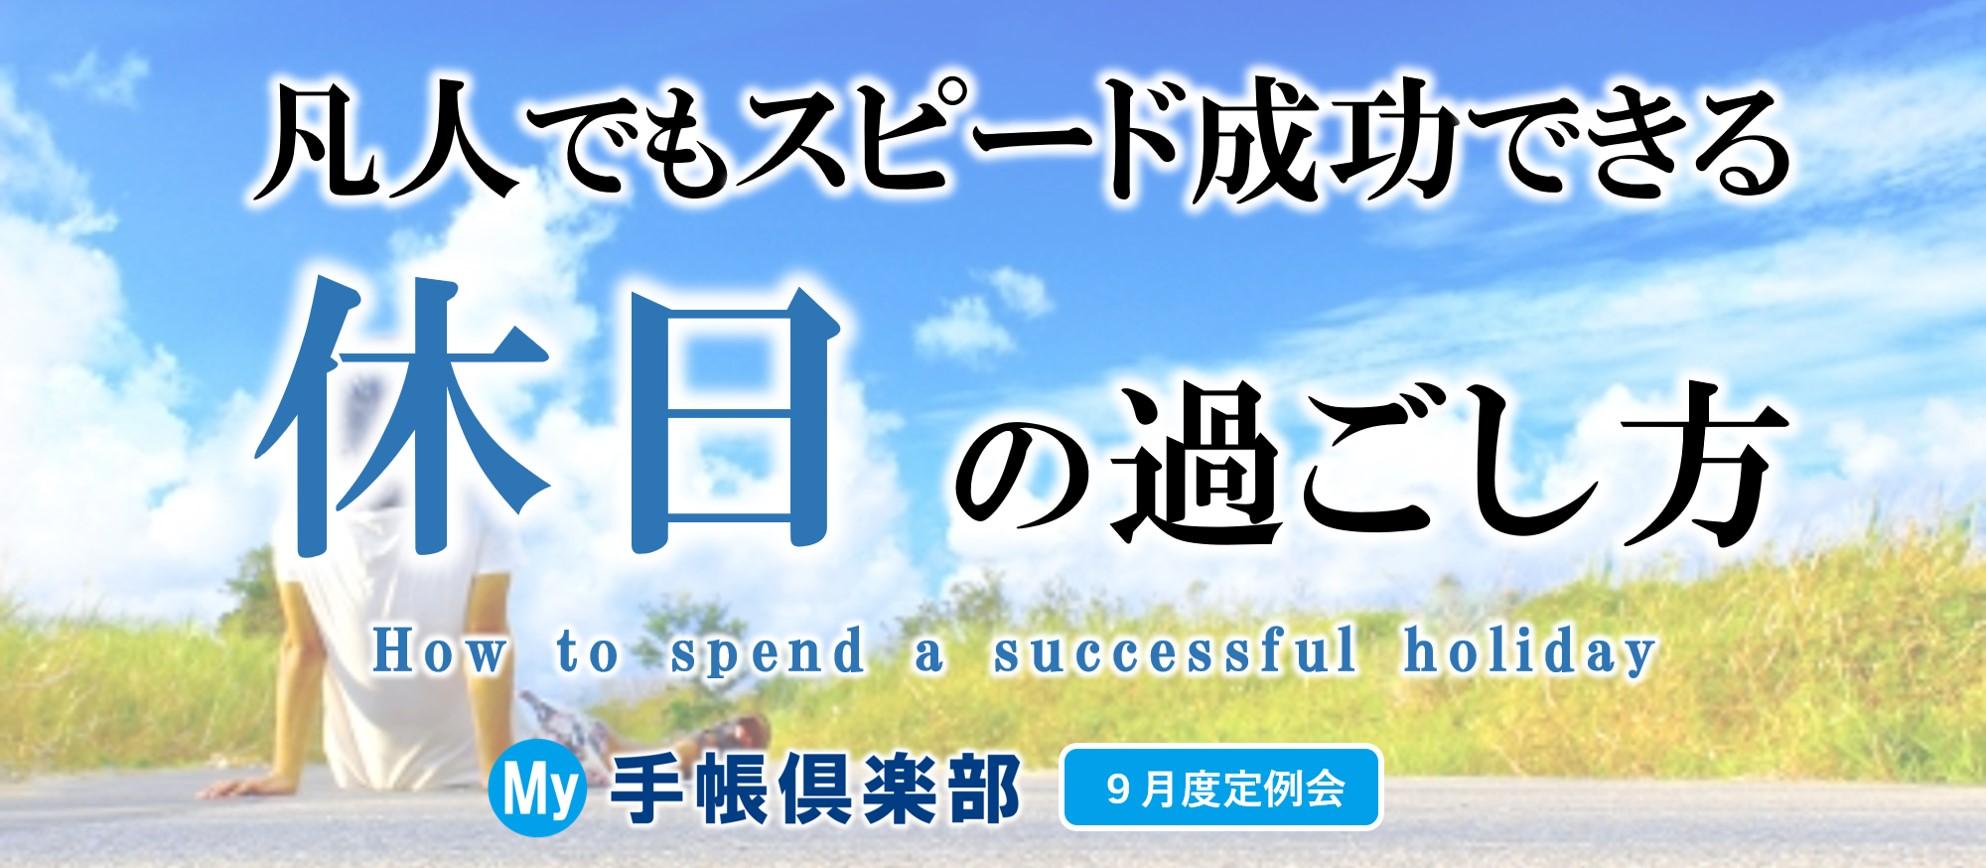 【My手帳倶楽部(9月度定例会)】凡人でもスピード成功できる休日の過ごし方